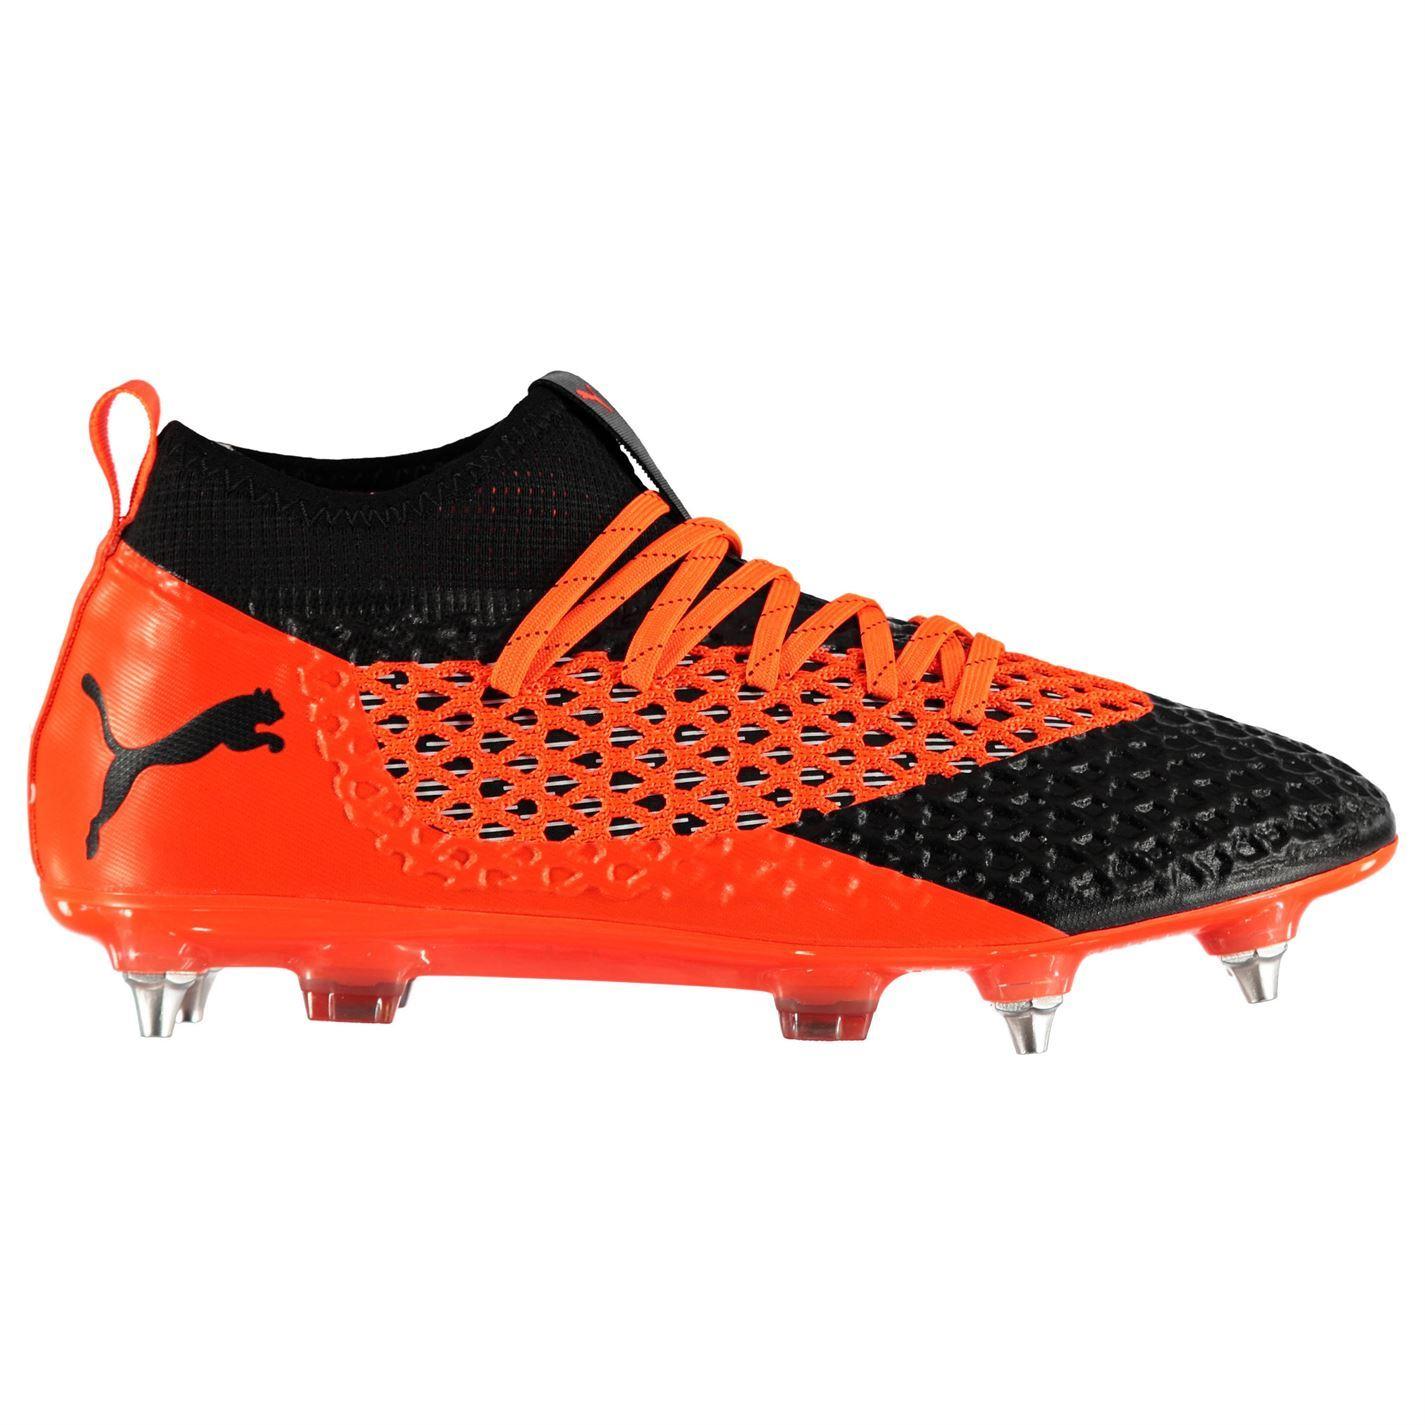 första kurs plockade upp på fötter skott av Puma Future 2.2 SG Soft Ground Football Boots Mens Orange Soccer ...